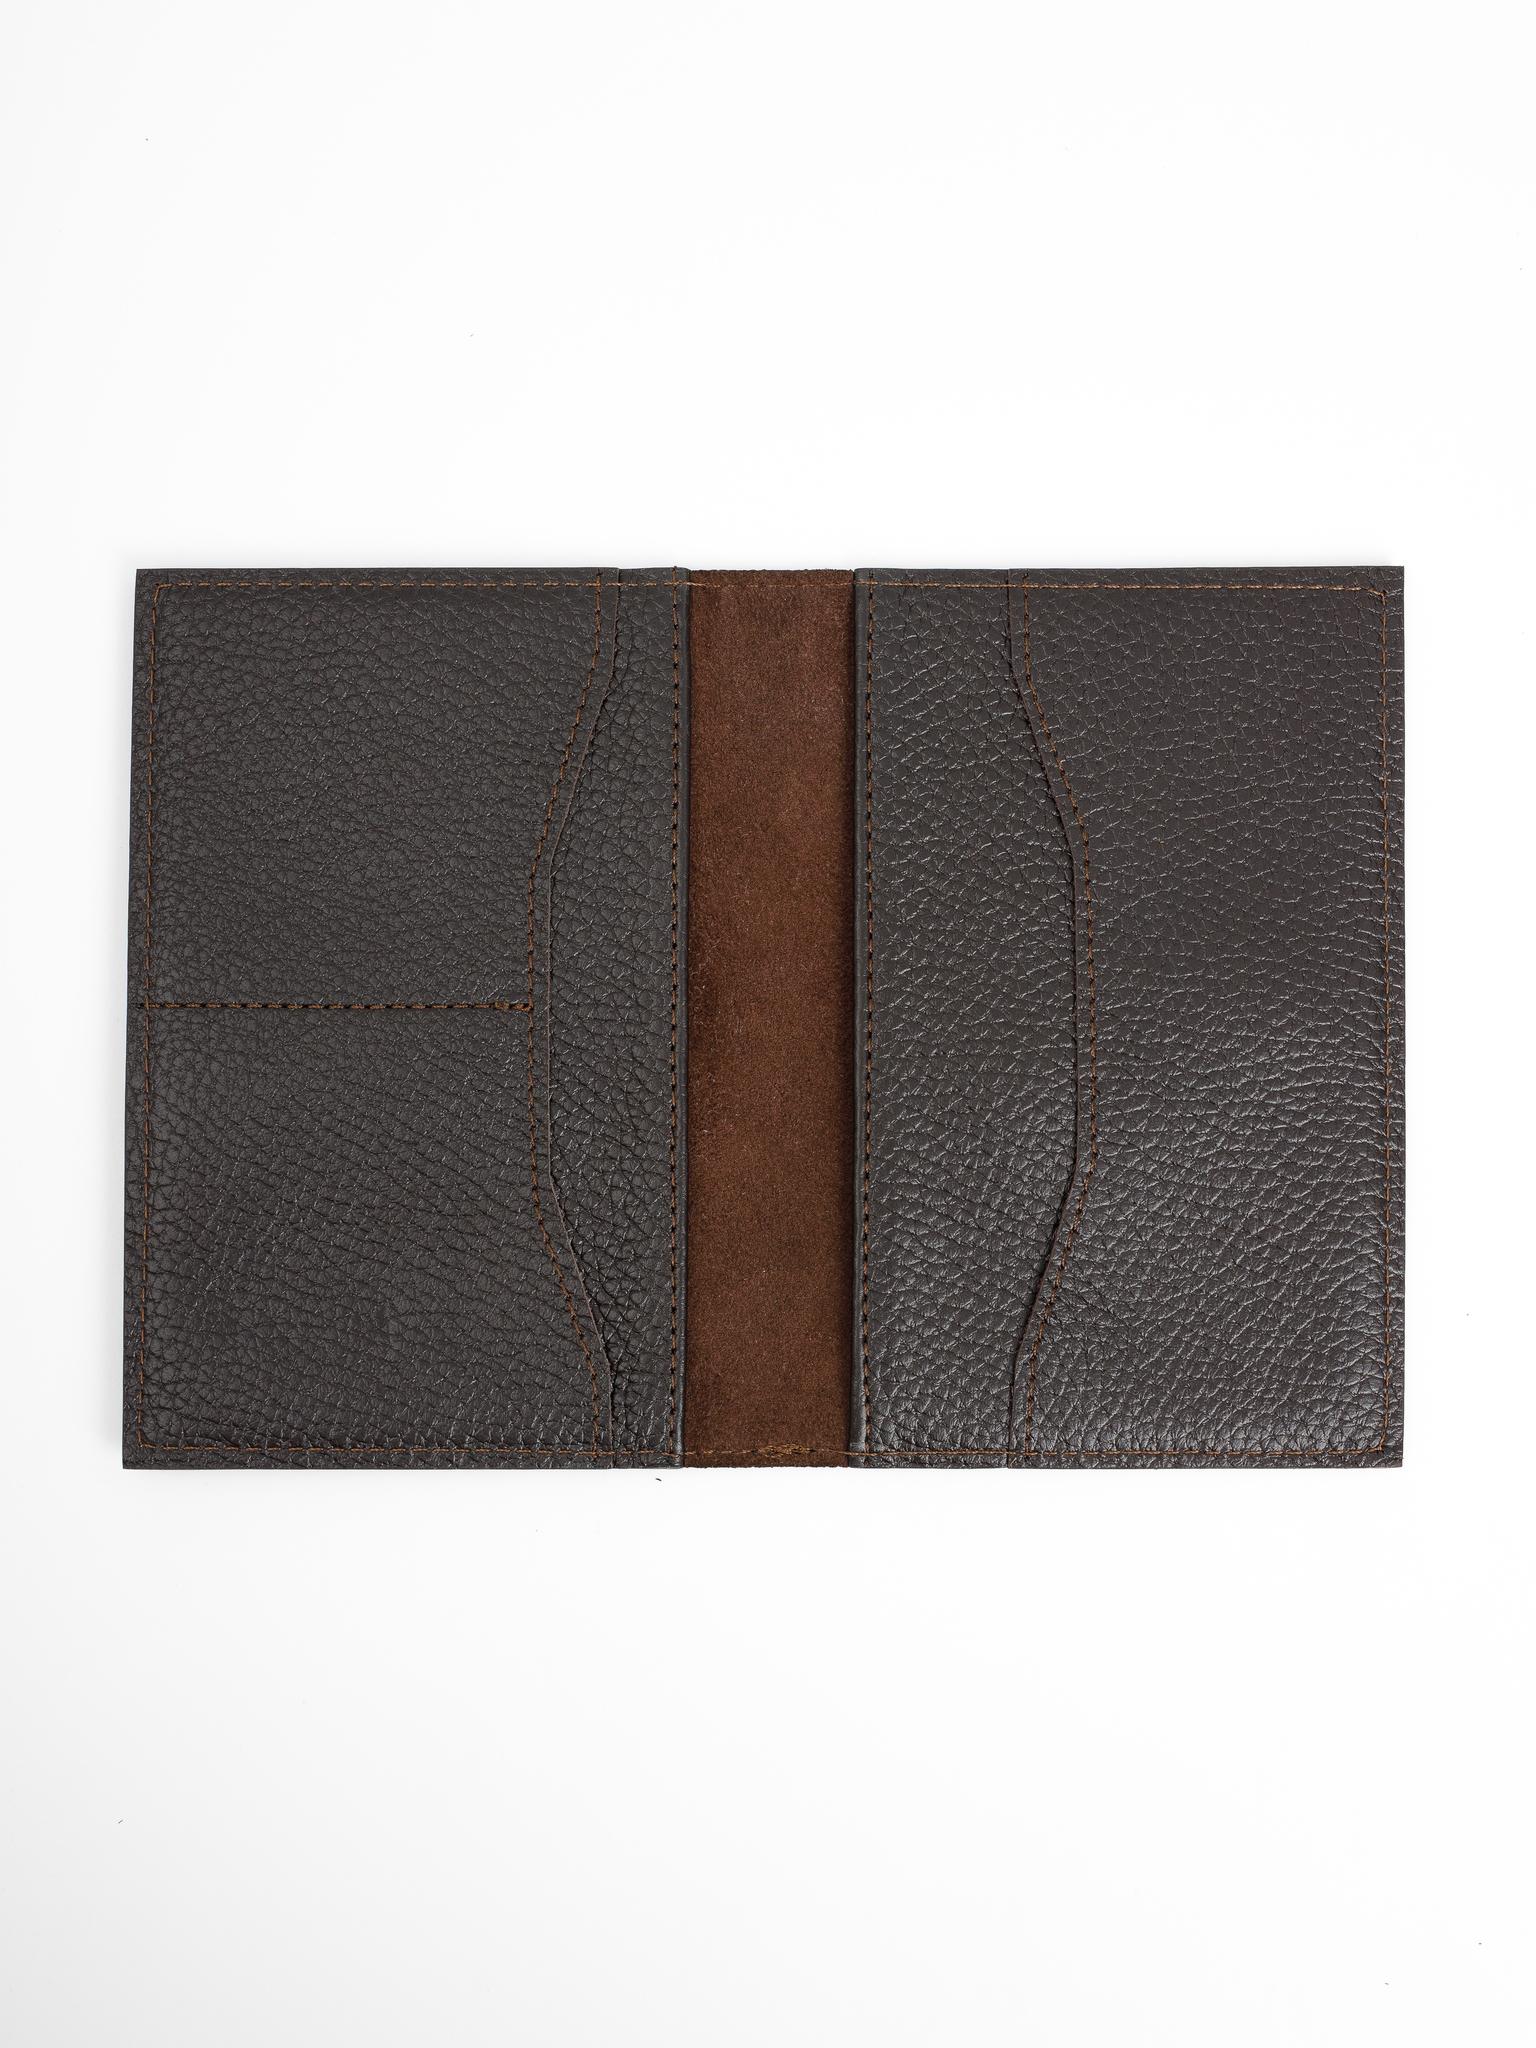 Обложка для паспорта с карманами | Коричневый